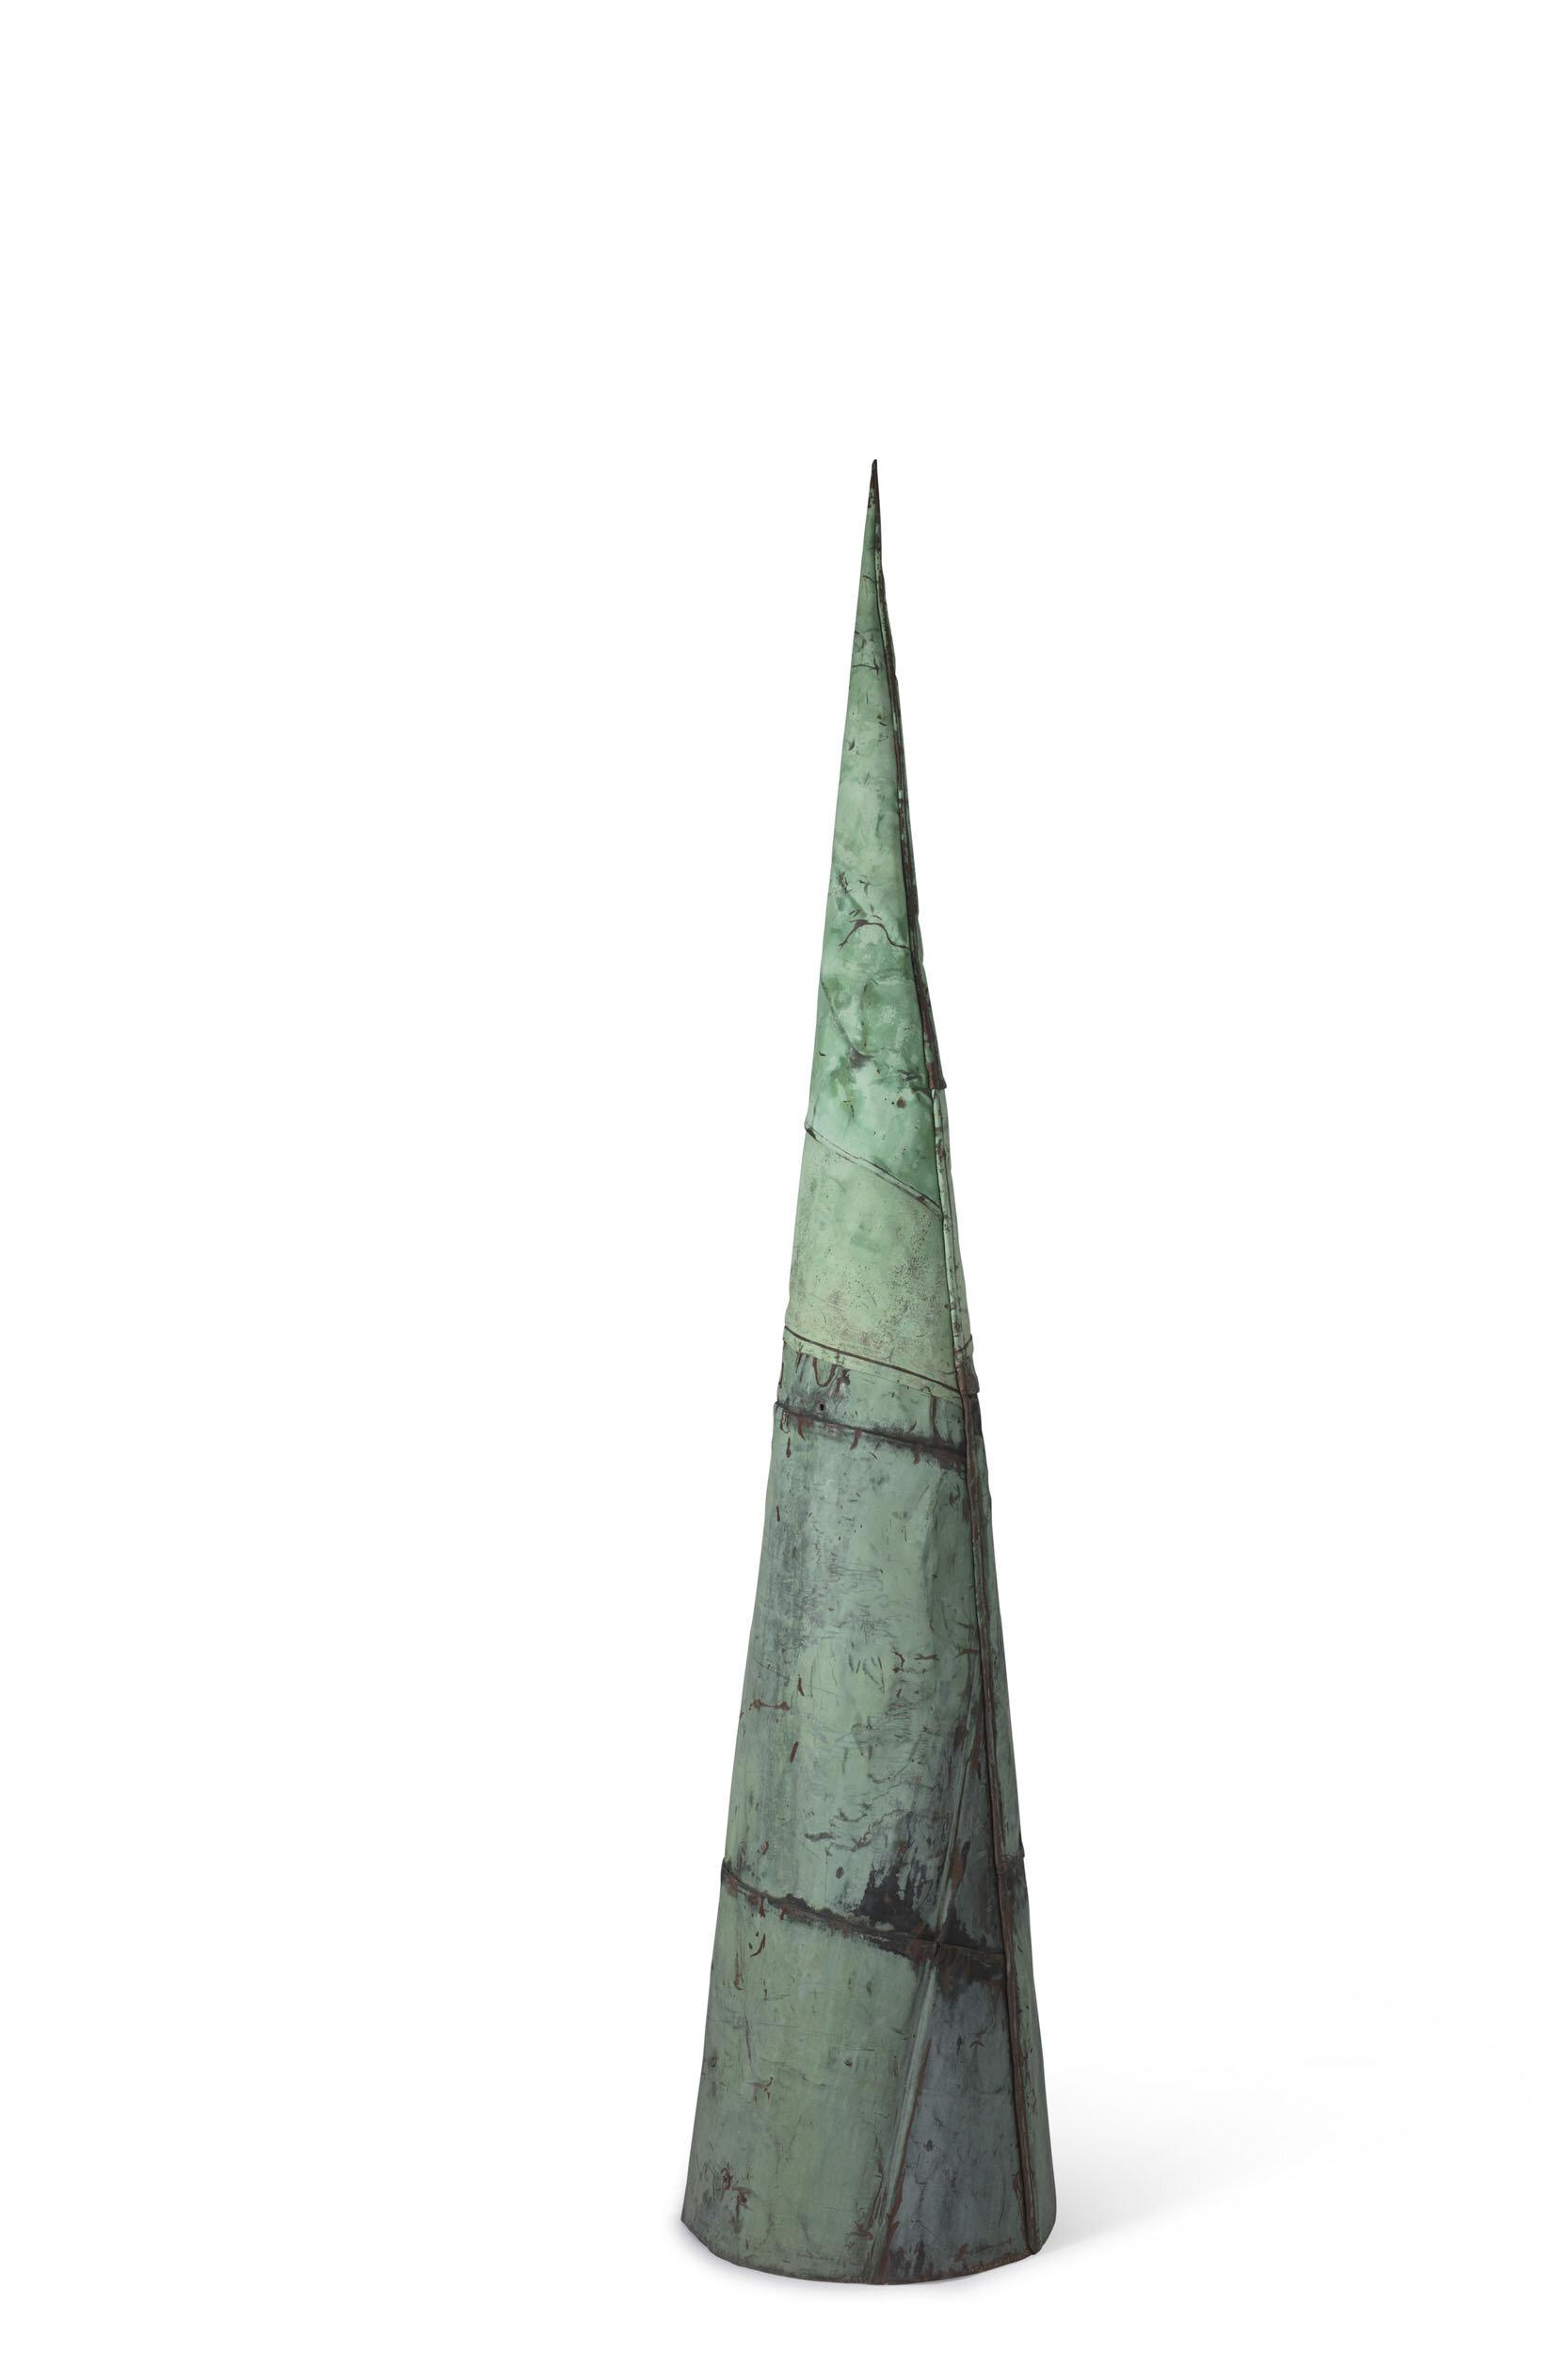 Torgny Larsson   Kon  1985 Skulptur, patinerad koppar från Riddarholmskyrkans tak (Stockholm) Höjd 208 cm